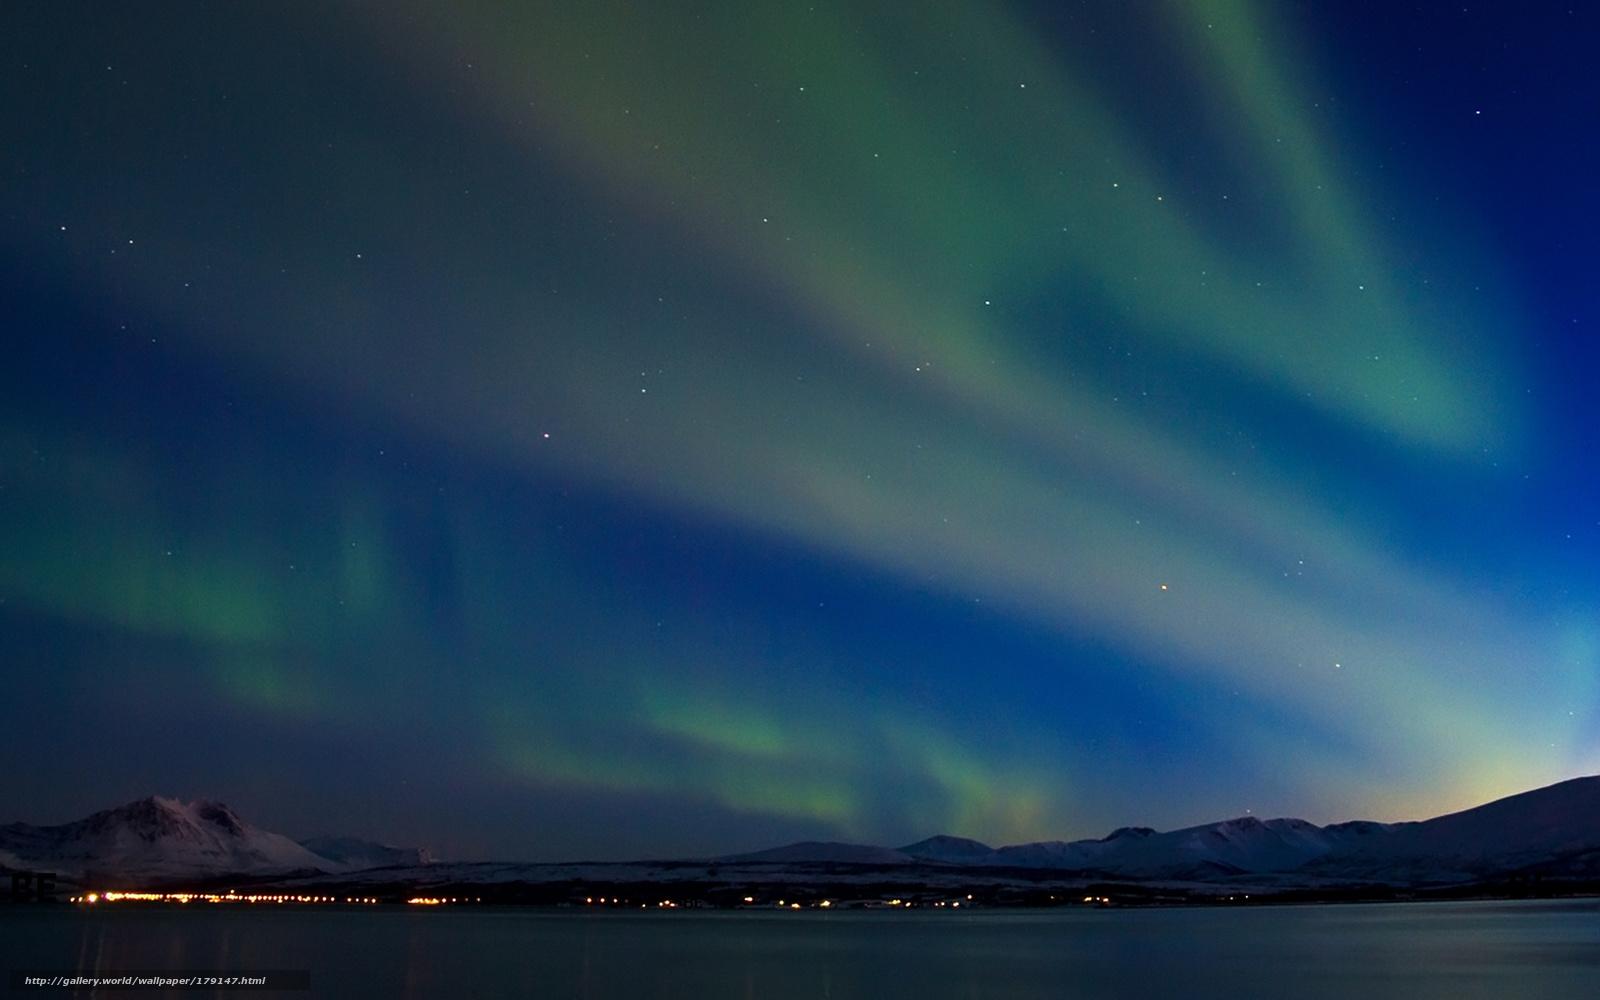 Scaricare gli sfondi inverno montagne aurora boreale for Sfondi desktop aurora boreale